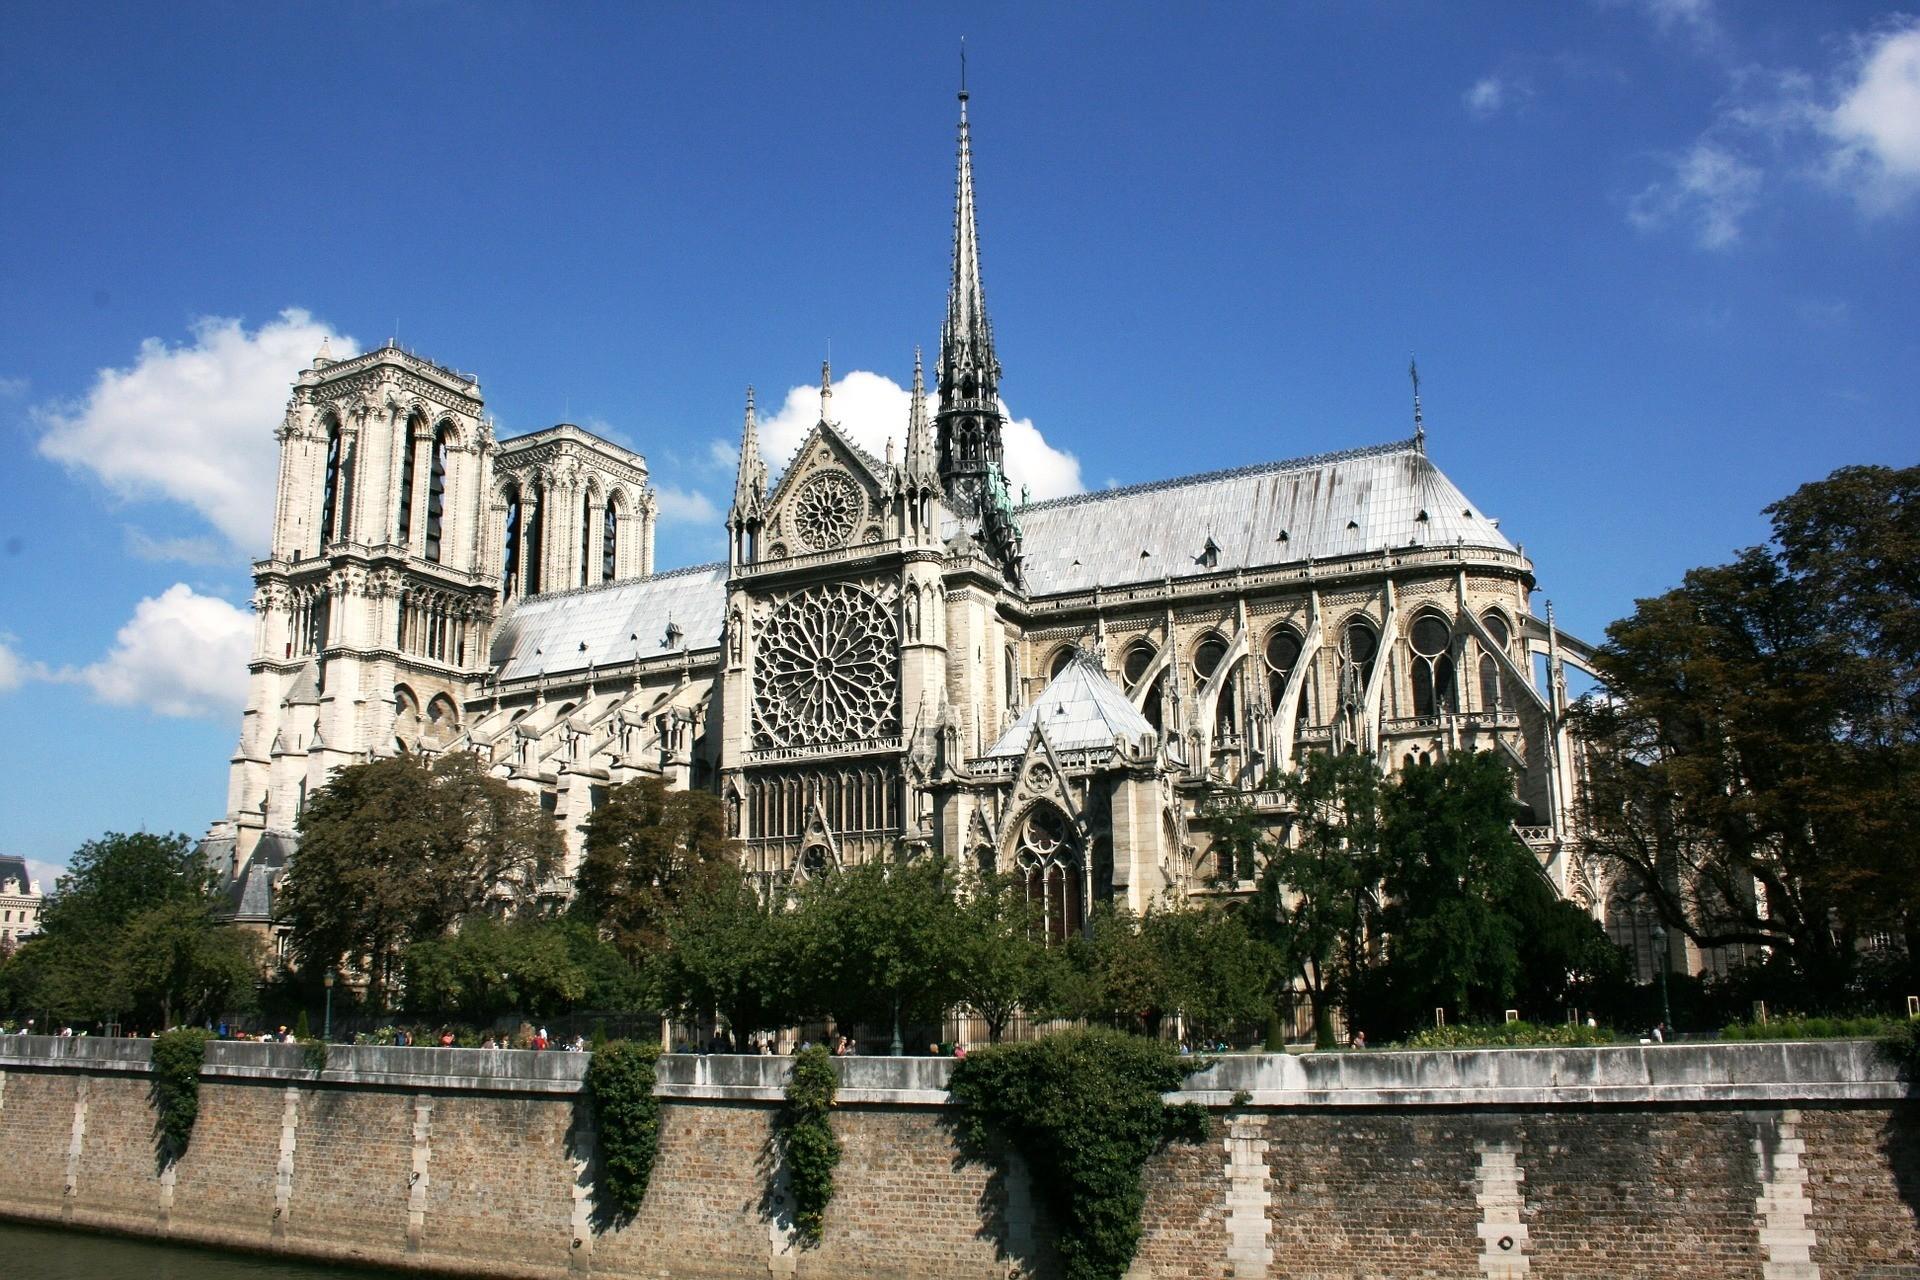 Jakie są najczęściej odwiedzane zabytki Paryża?